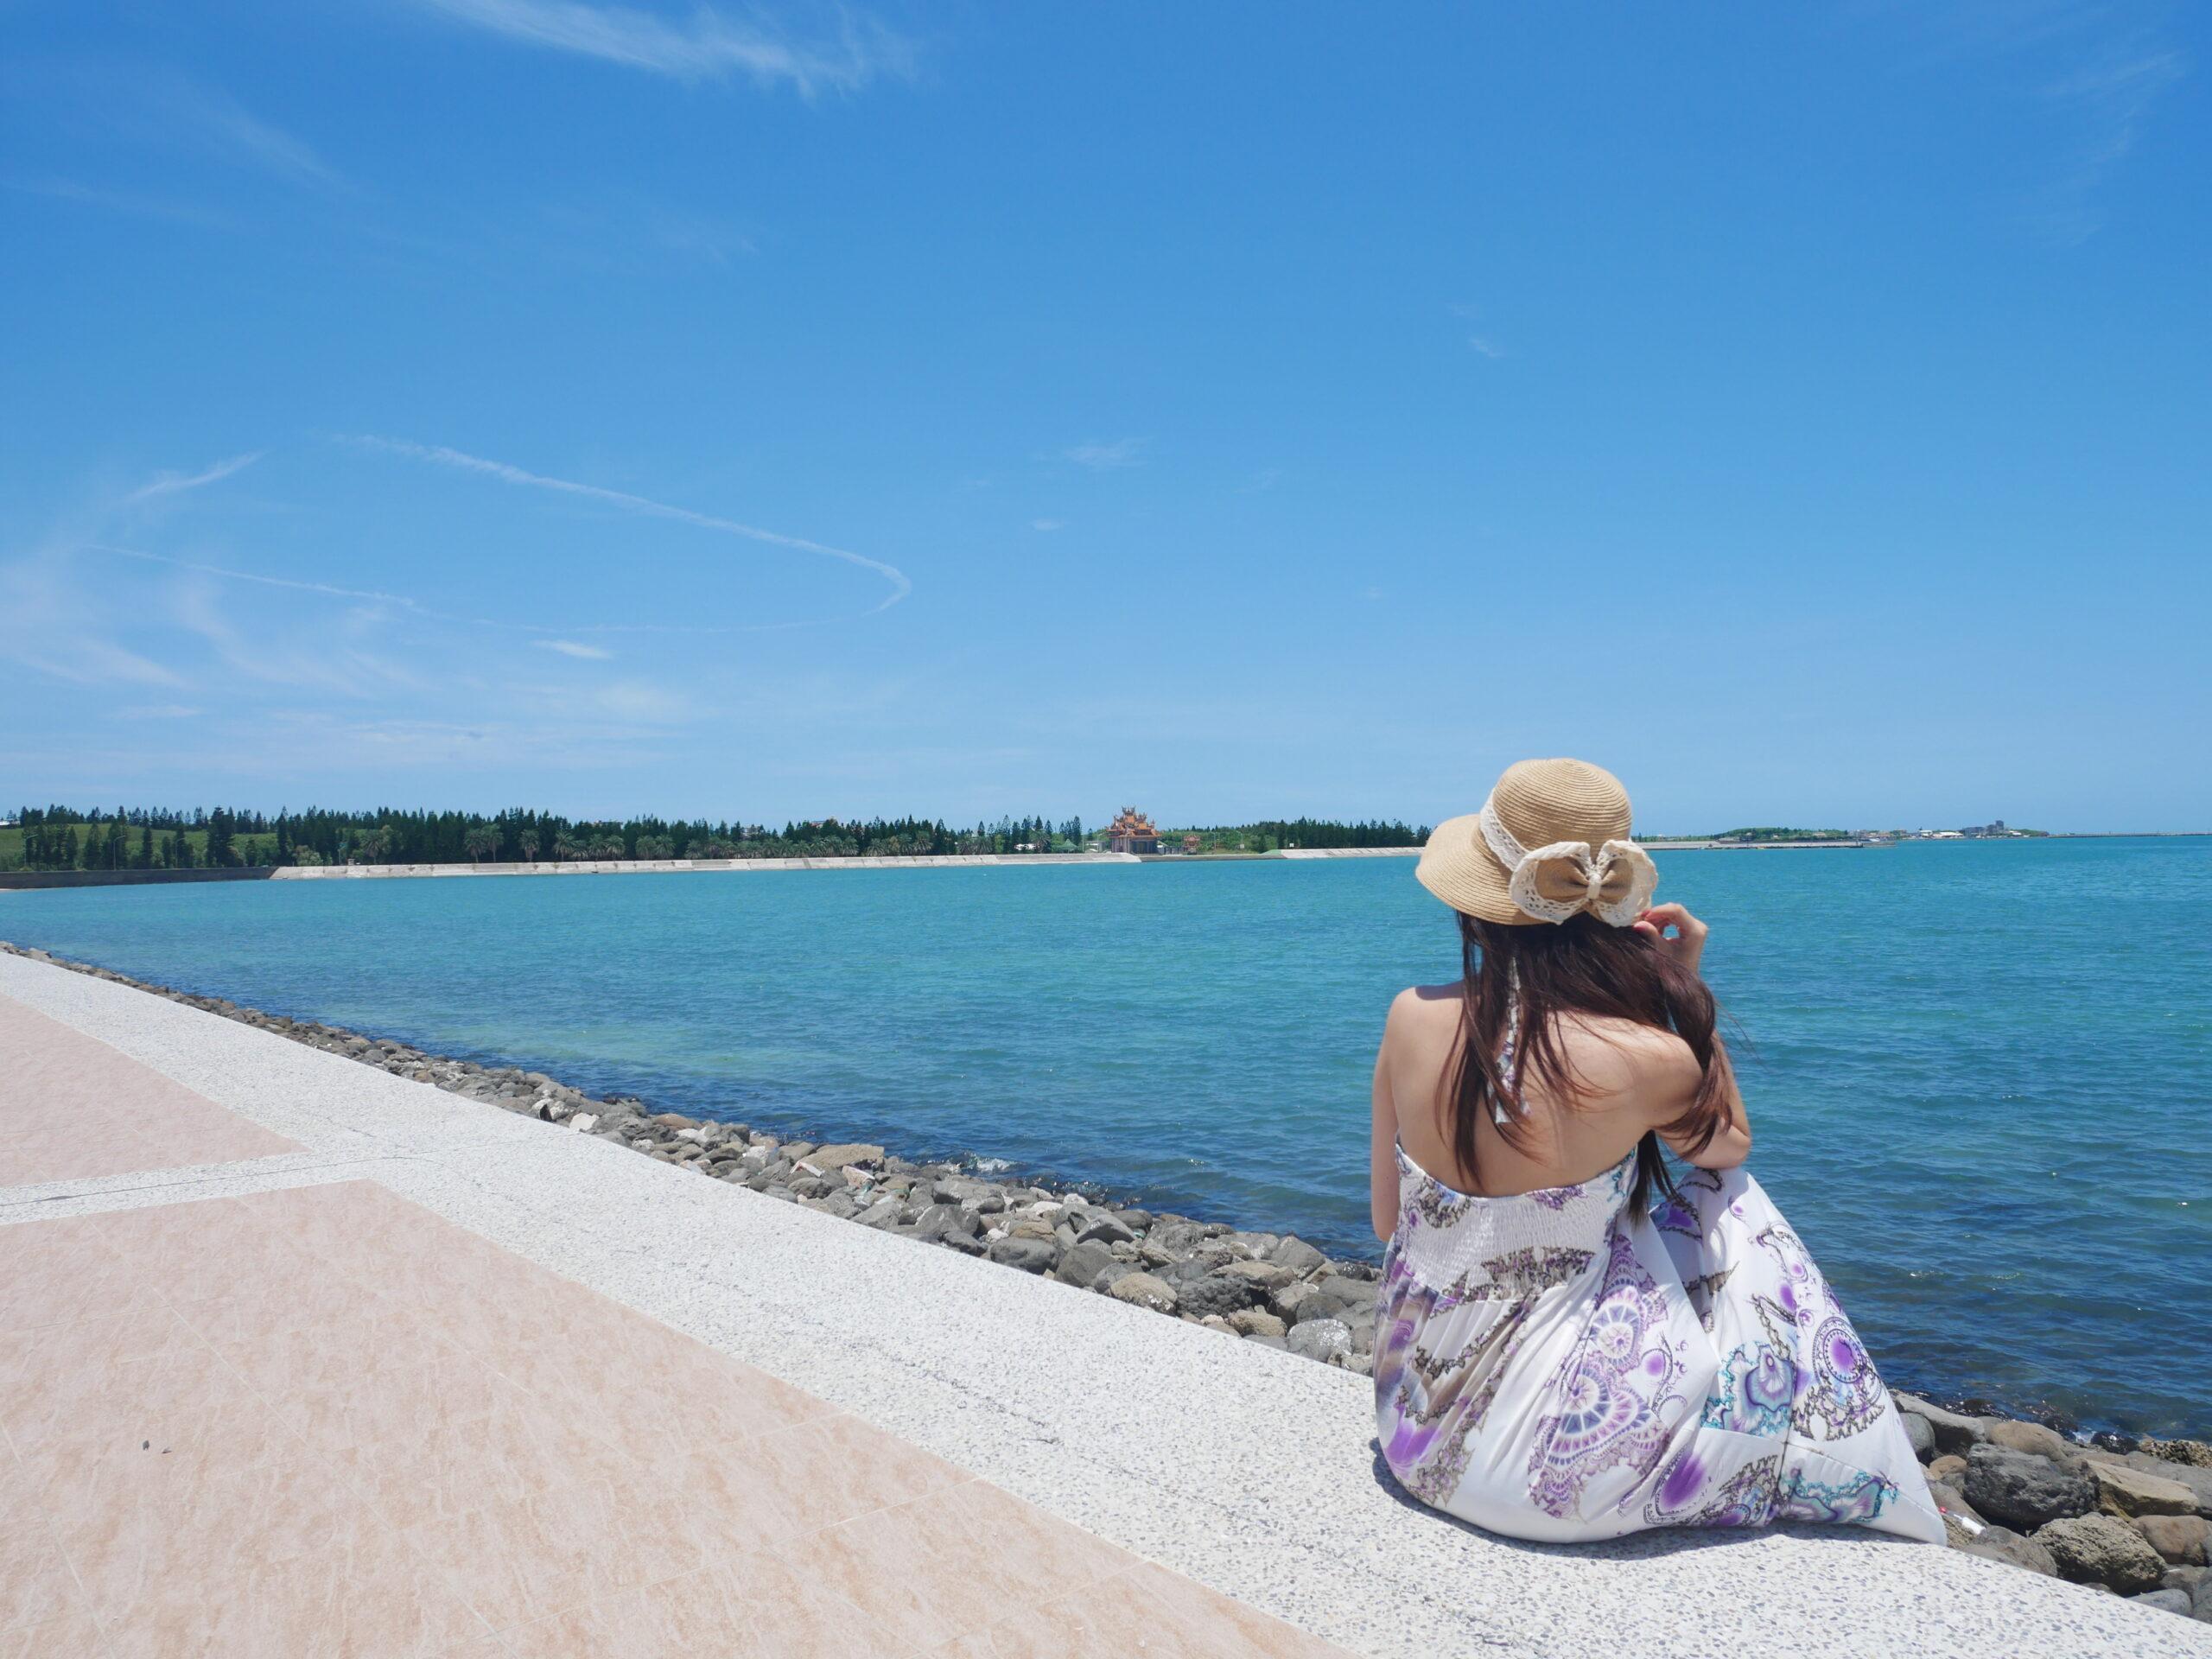 穿著洋裝戴著帽子女孩在澎湖講美海灘的自拍